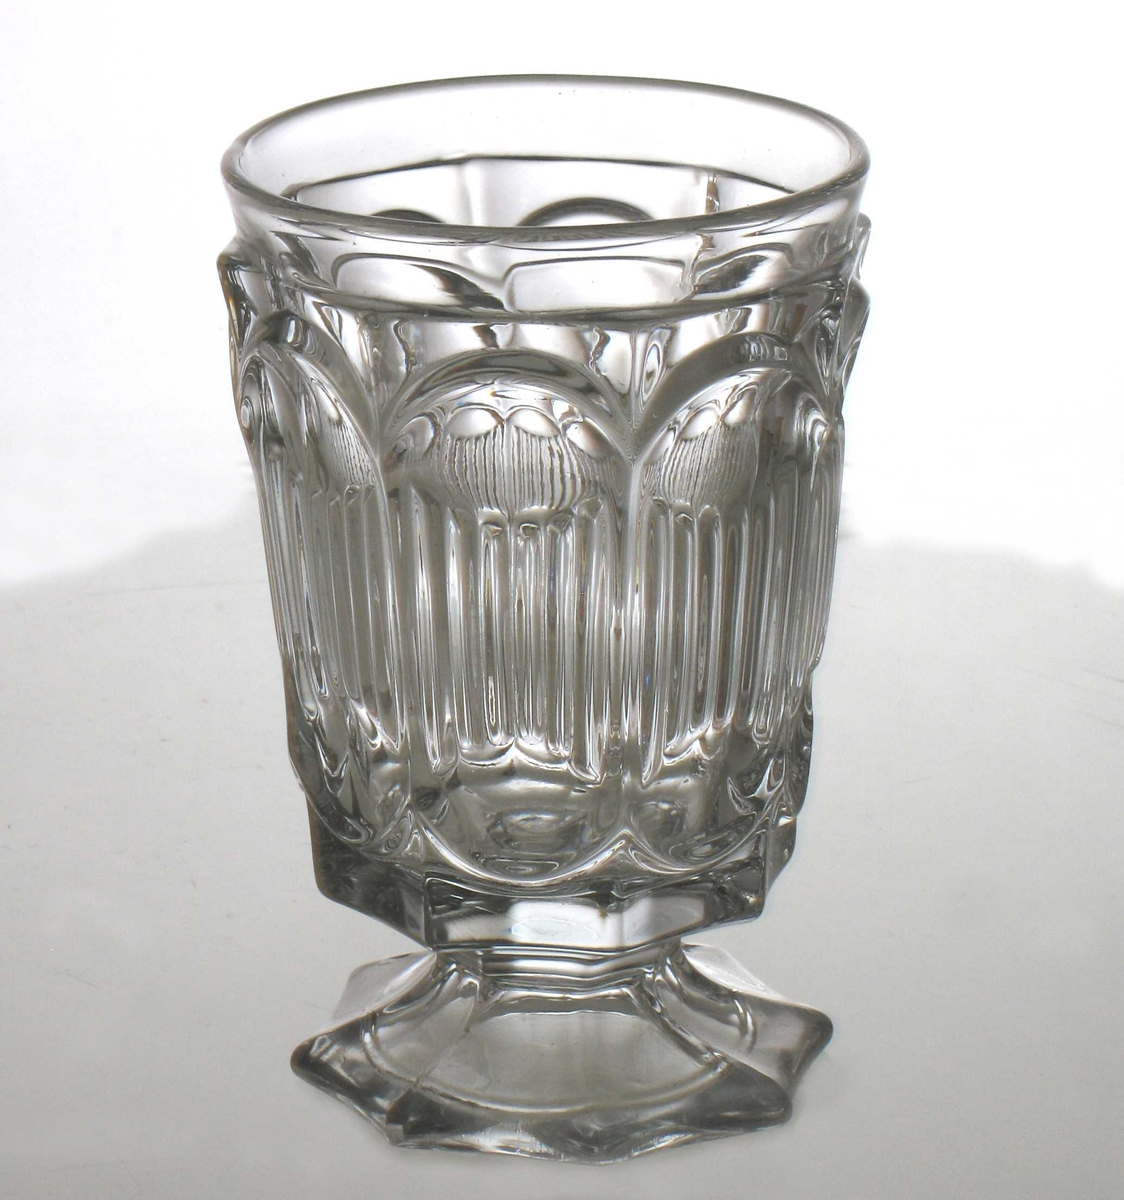 Ølglass, 6 stk.  Pressglass.  8- kantet  fot, lav stett. 8 kantet cupa, (glatt  og rund inni) med innpressede   store ovaler,   riflet  i midtpartiet. Glatt kant. øverst.